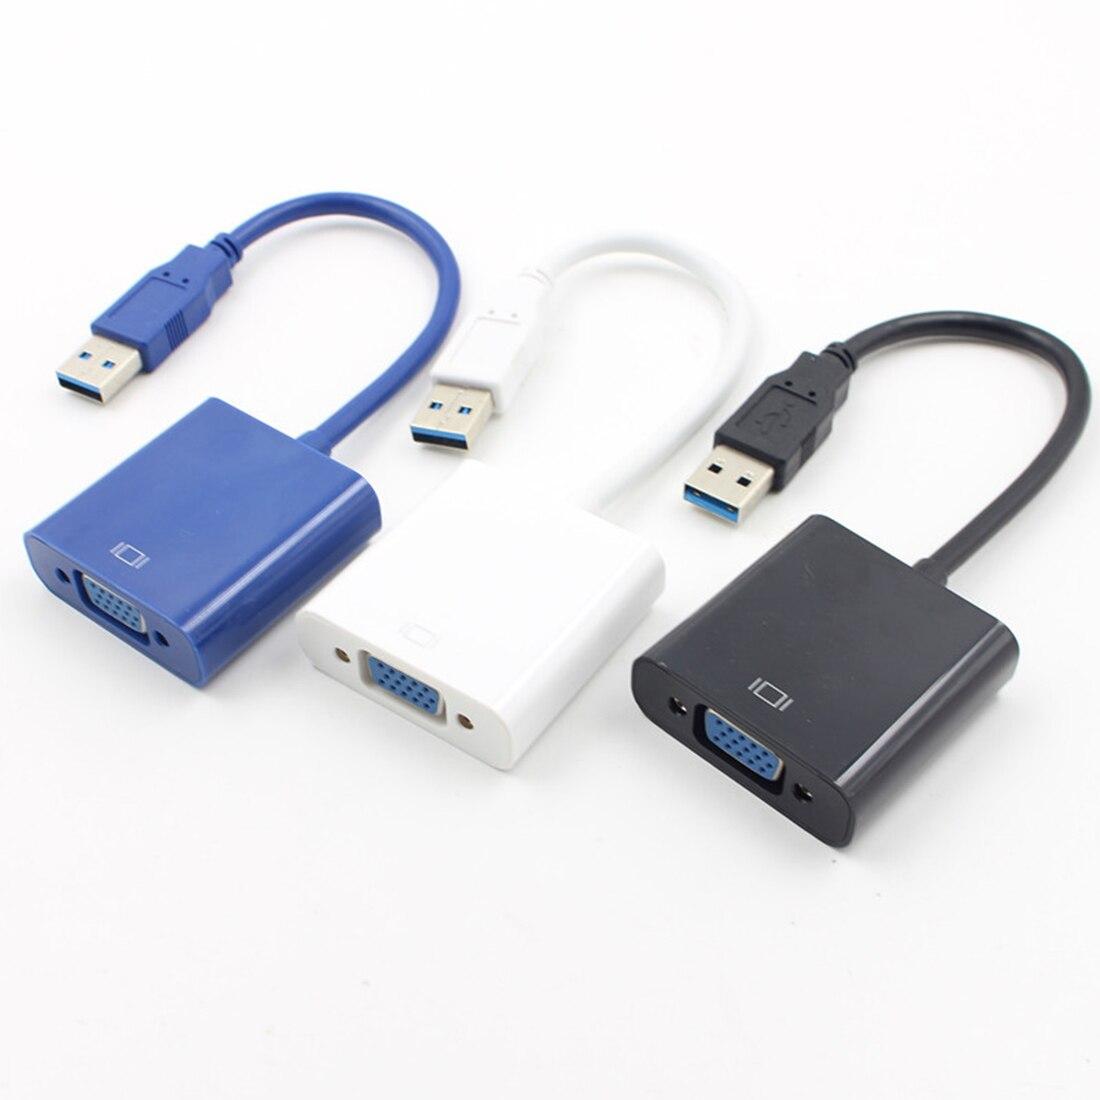 Centechia USB3.0 Vídeo Placa Gráfica Cabo Adaptador Externo para WIN7 WIN8 Vista 1080 p/USB 3.0 para VGA conector do adaptador